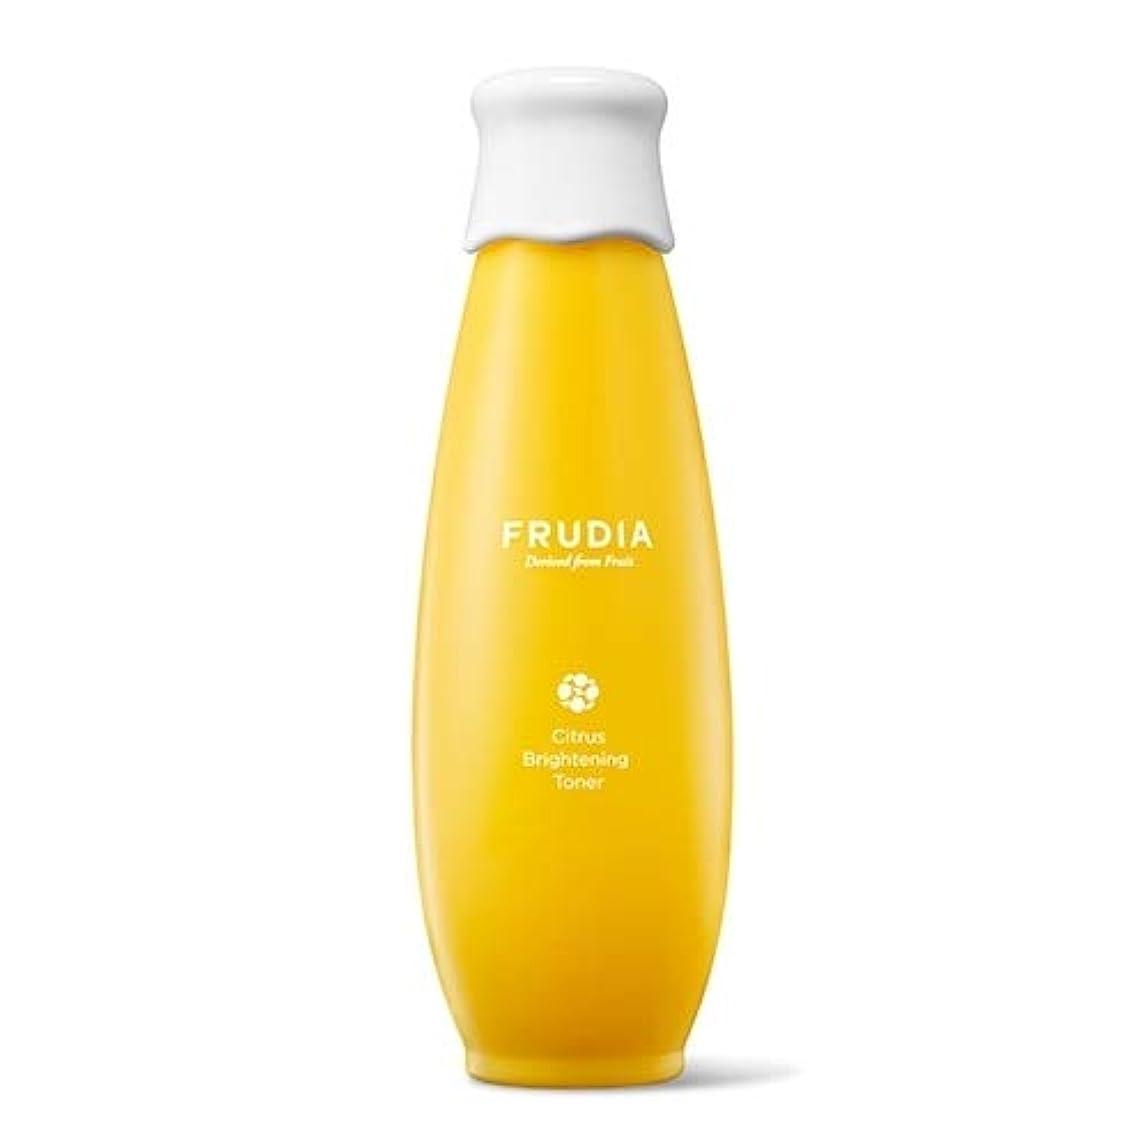 アレルギー性距離突破口FRUDIA みかん ブライトニング トナー 化粧水/Citrus Brightening Toner (195ml) [並行輸入品]